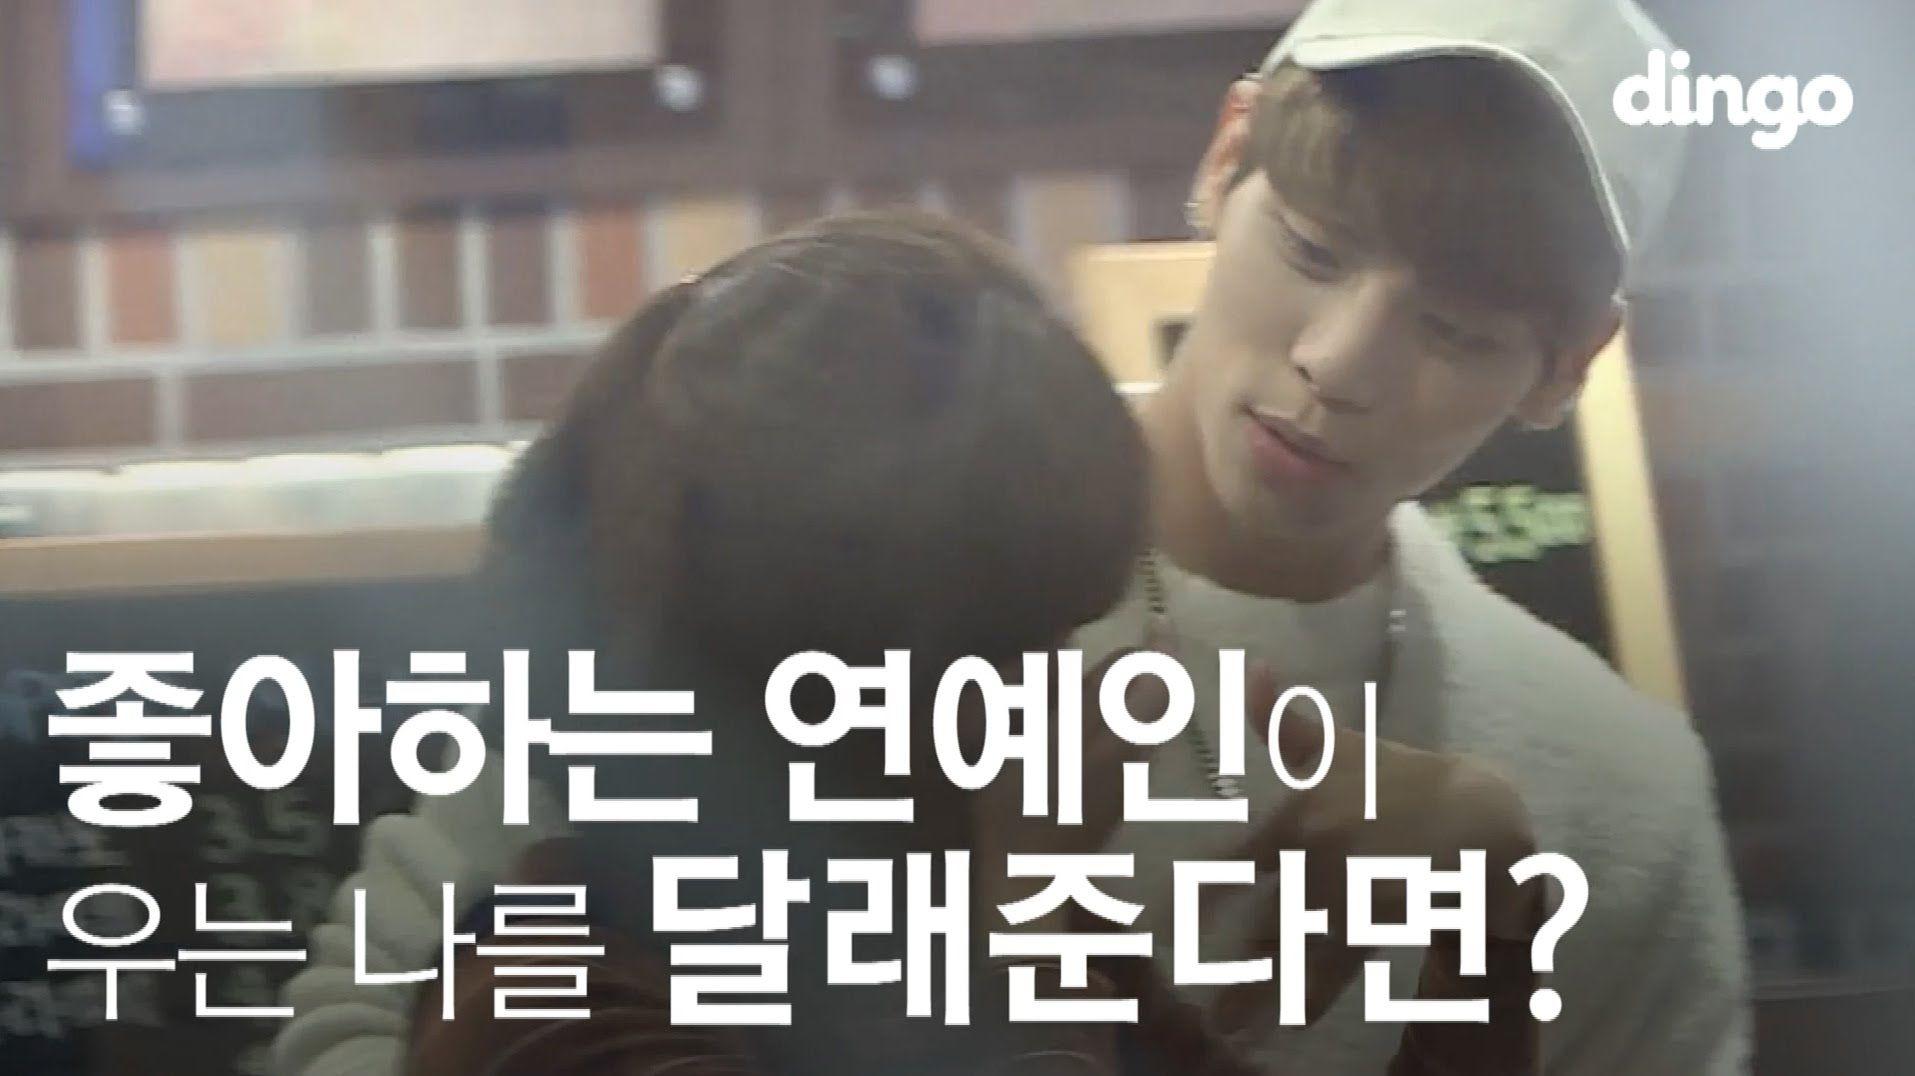 [수고했어, 오늘도] 샤이니 종현이 우는 나를 달래준다면 #9 종현